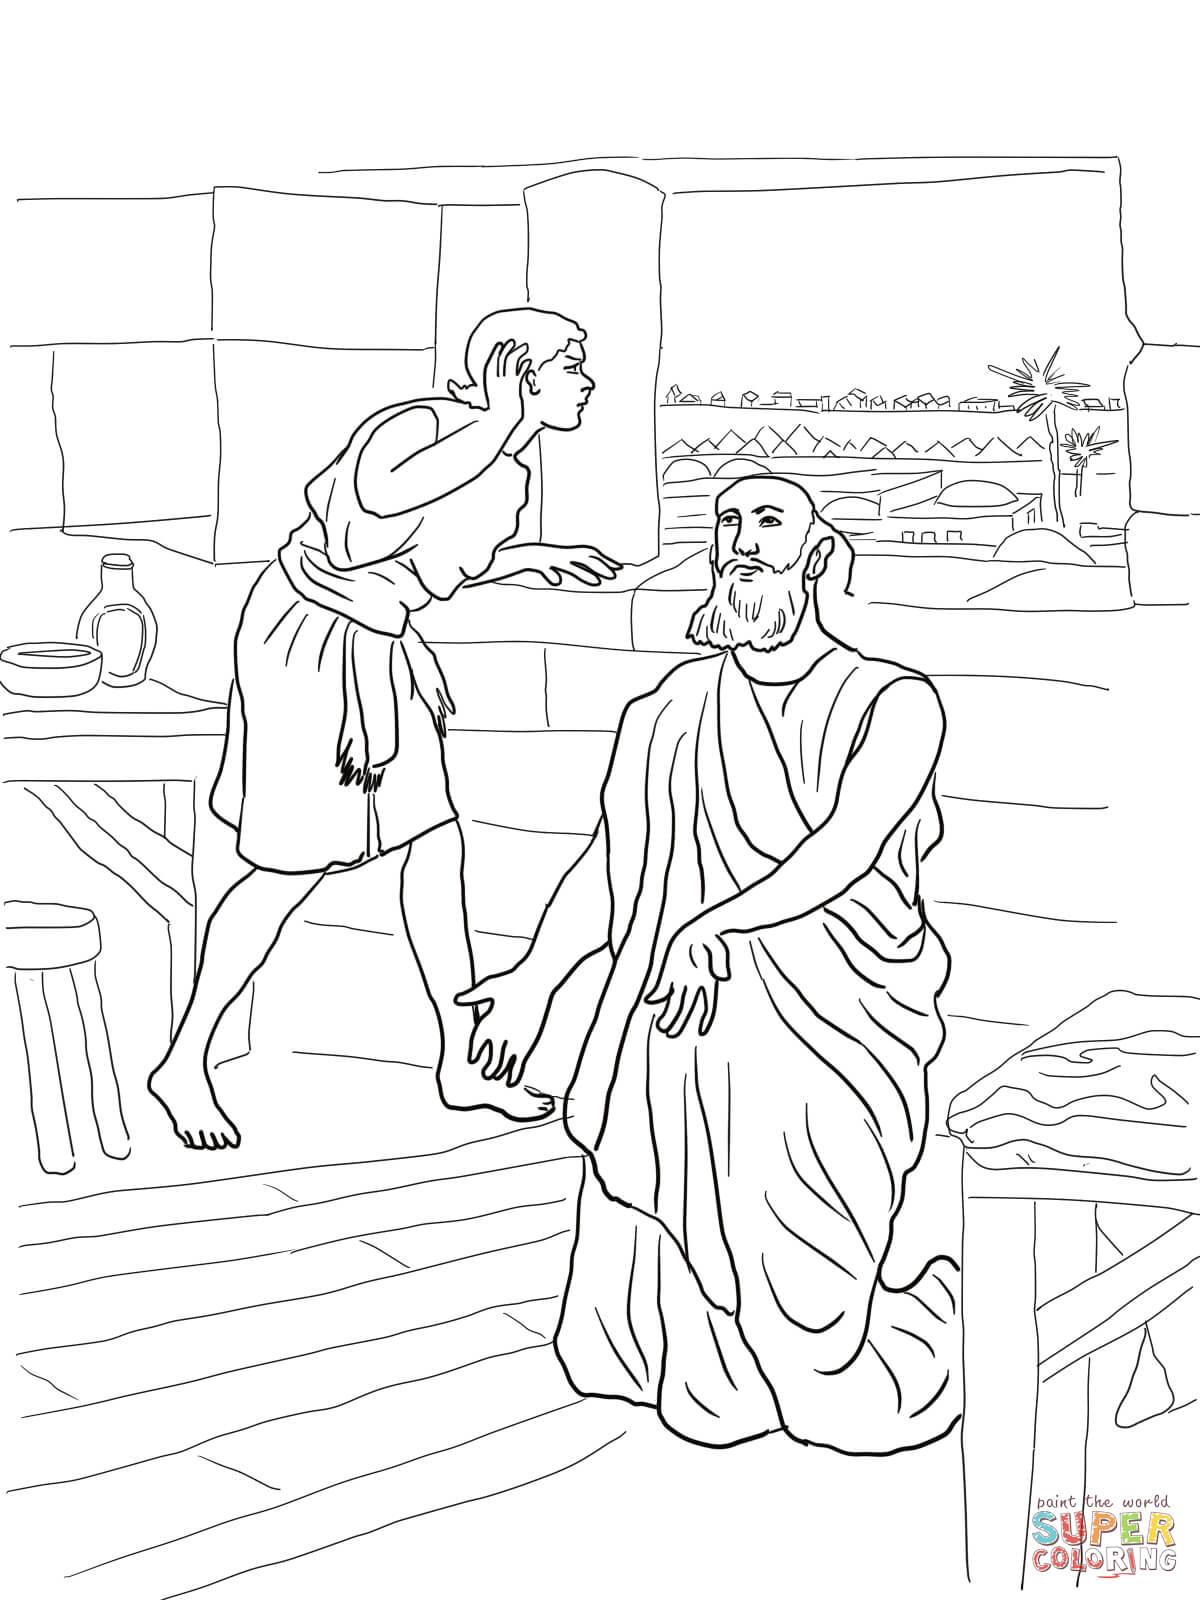 Elisha and his servant